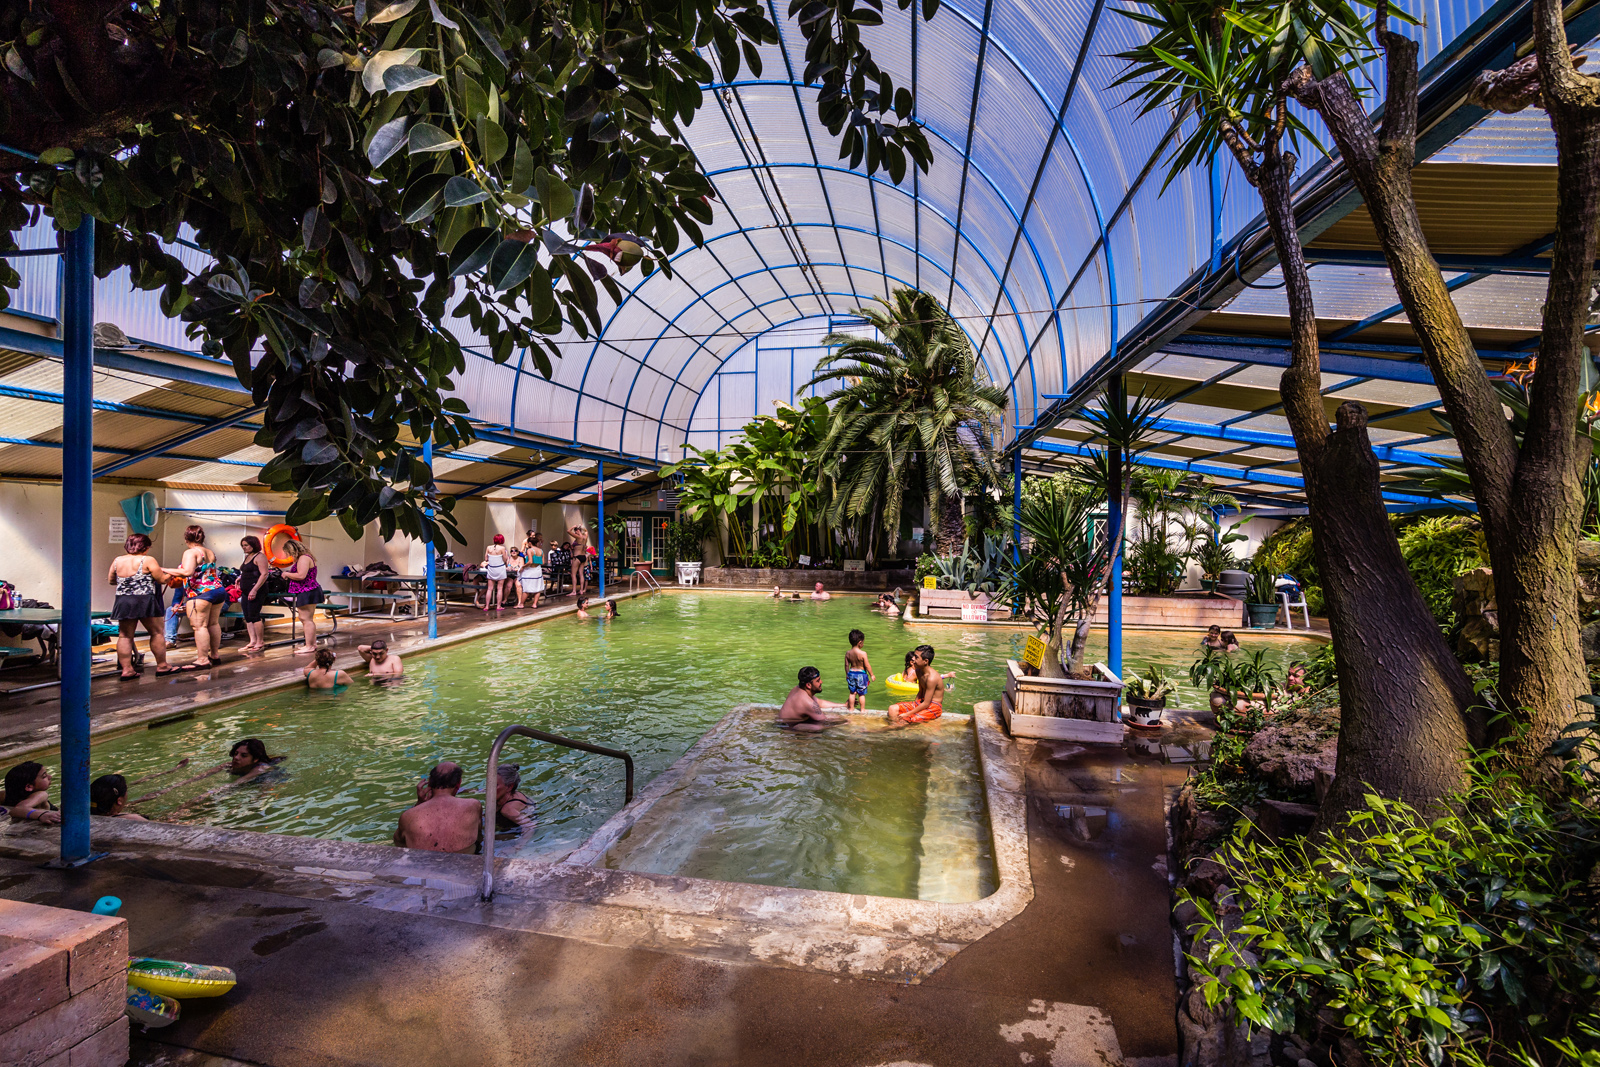 Indian Springs Spa